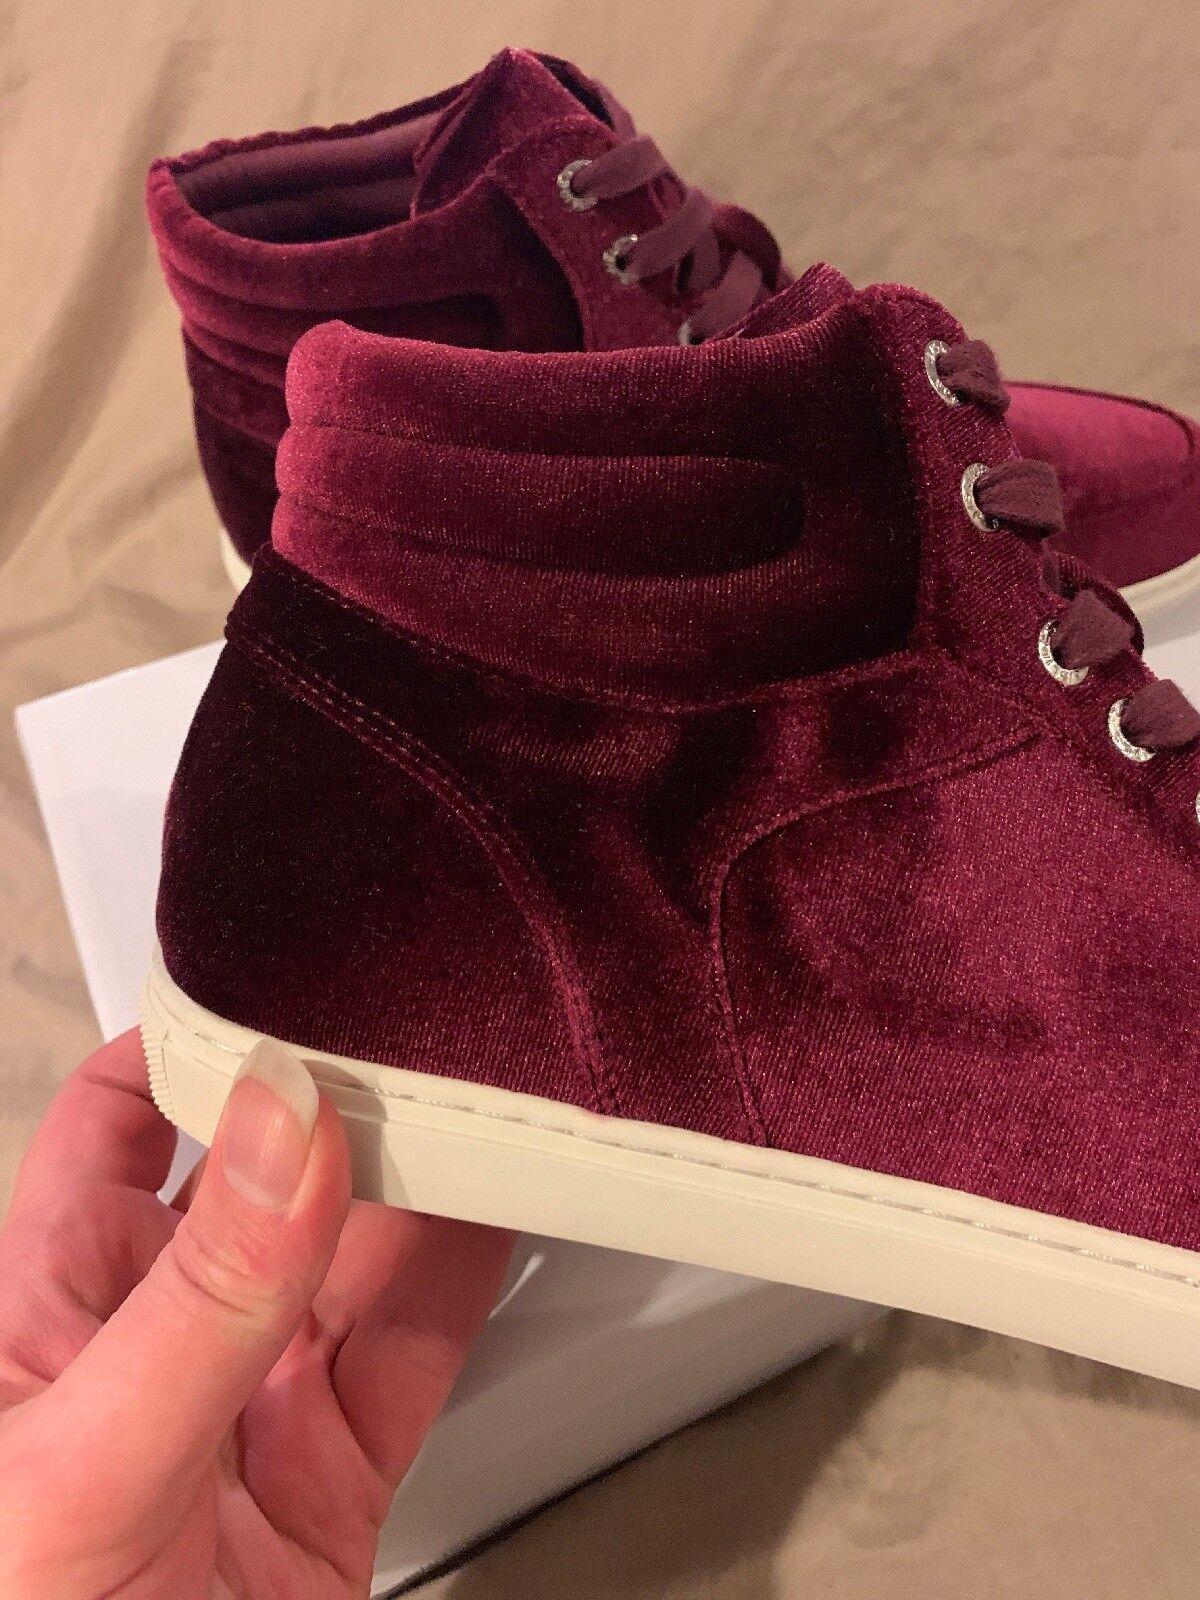 J diapositivas de la ciudad de Nueva Borgoña York Borgoña Nueva Terciopelo camarilla Zapatillas Hi Top Tops alto Zapatos para mujer 9.5 M cbb8ba